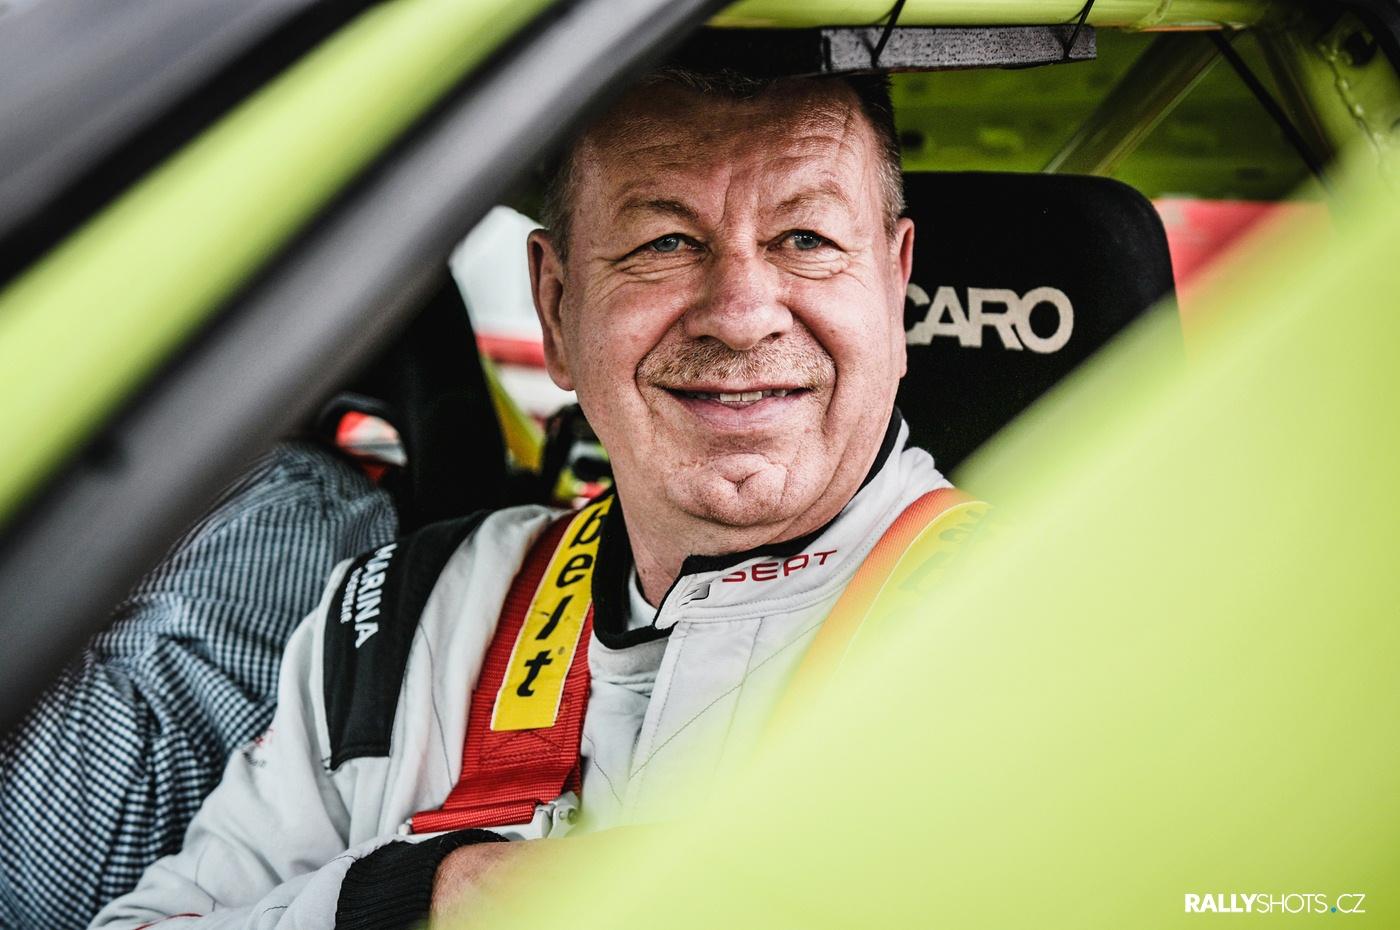 Eifel Rallye Festival 2019 Erwin Weber